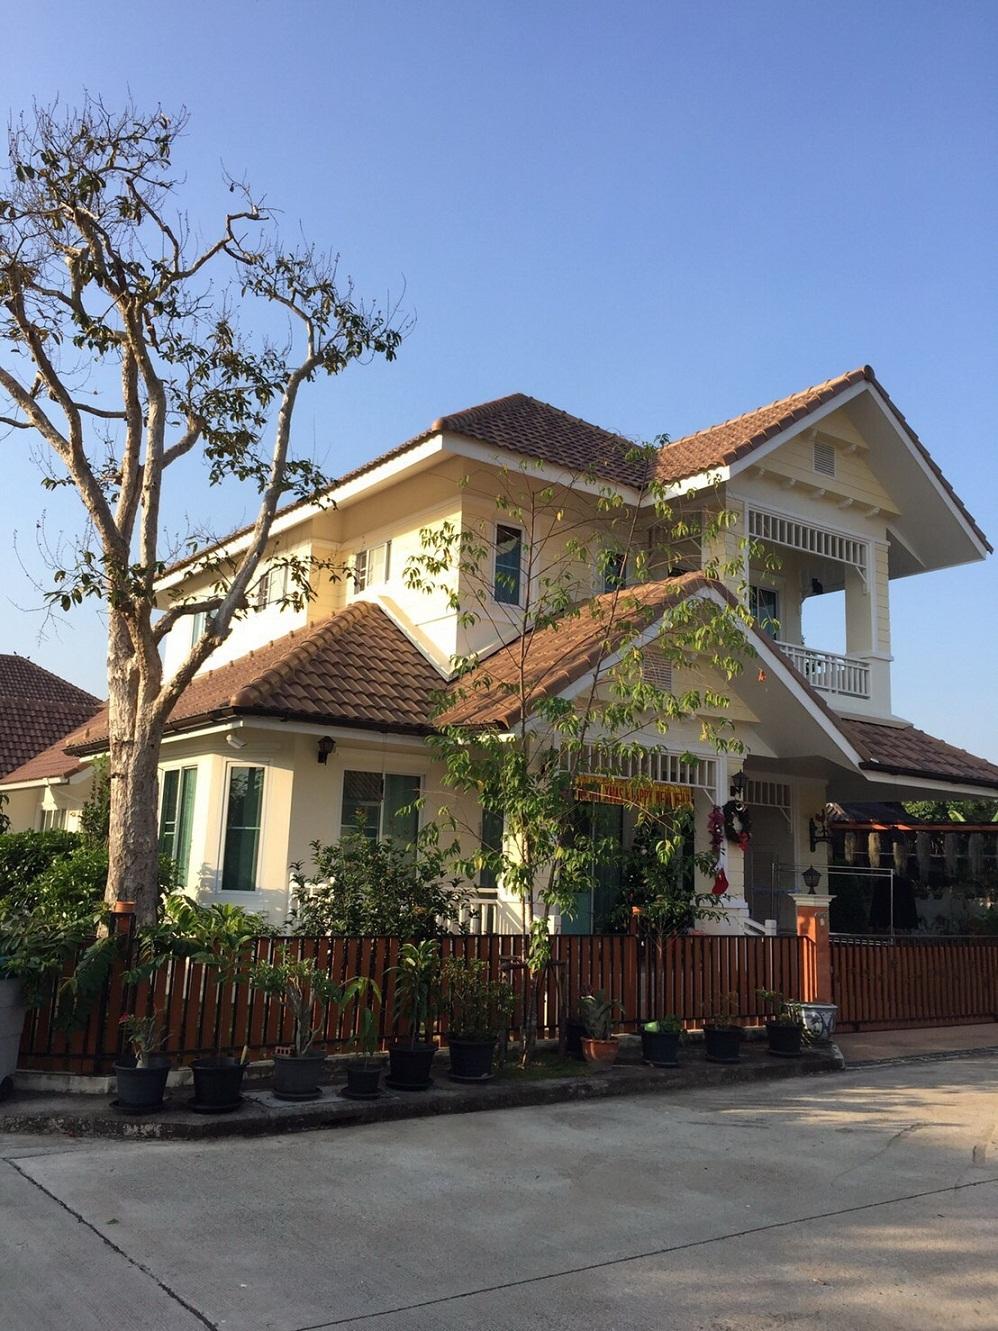 บ้าน 2 ชั้นในหมู่บ้านจัดสรรตกแต่งด้วยวัสดุเกรด A คุ้มค่าคุ้มราคา อ.สันทราย(สายเก่า) เชียงใหม่